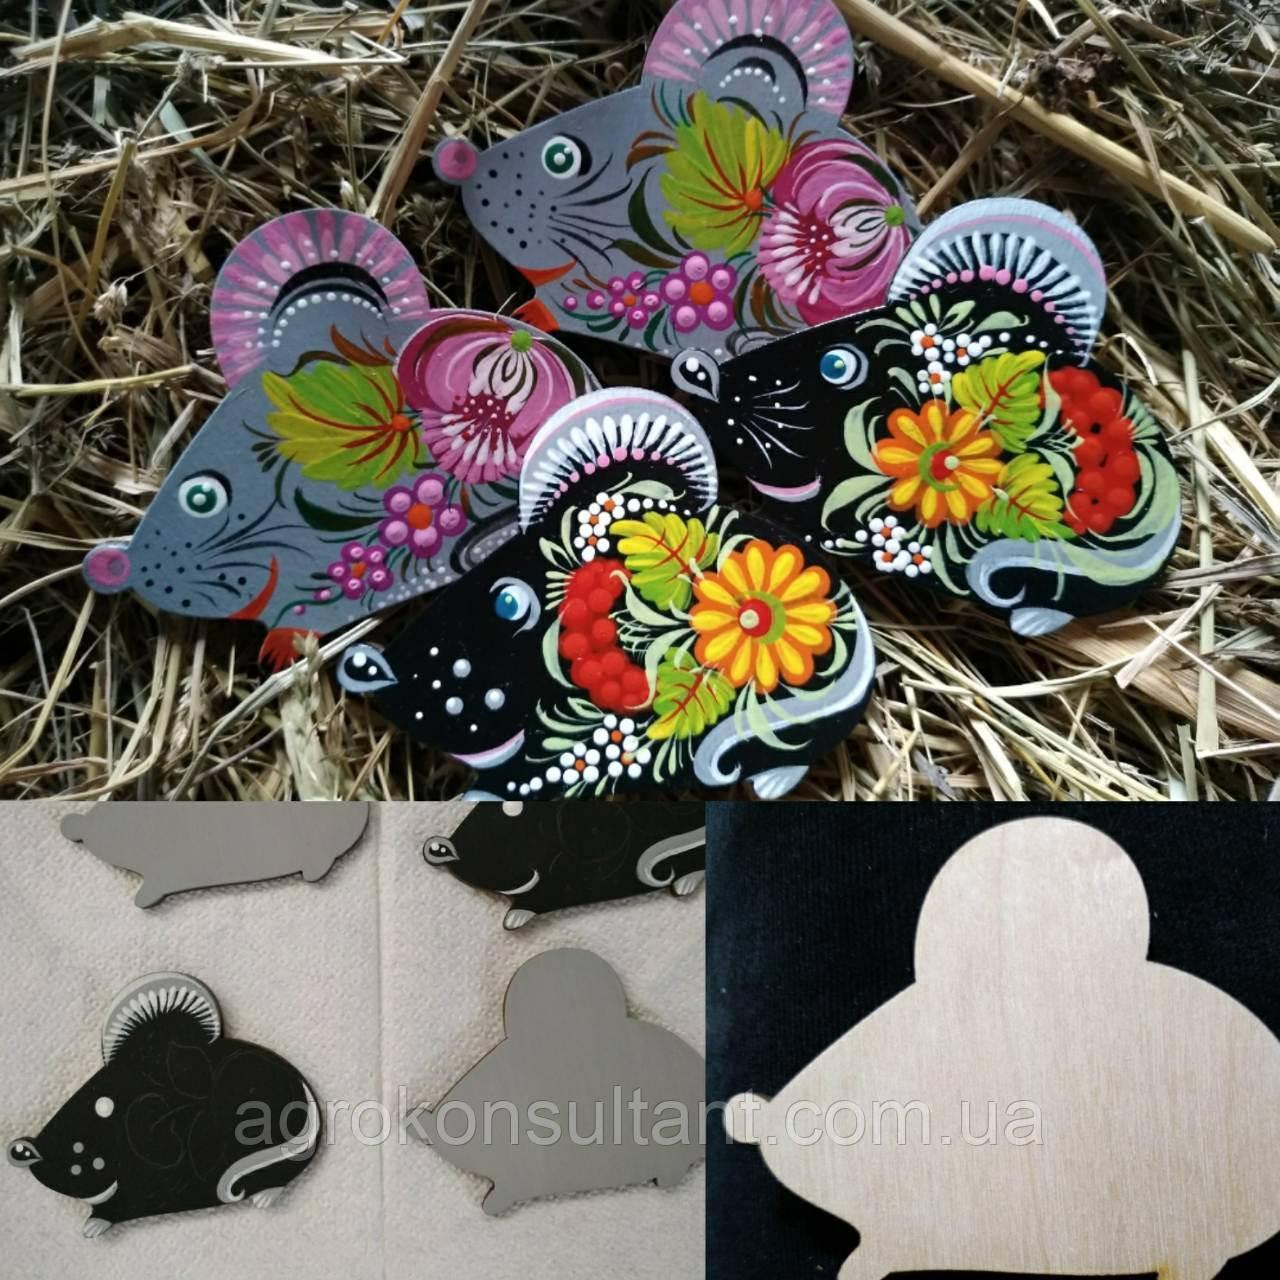 Мышка магнит, Петриковская роспись (ручная работа) — Mouse magnet, Petrikov painting (handmade).